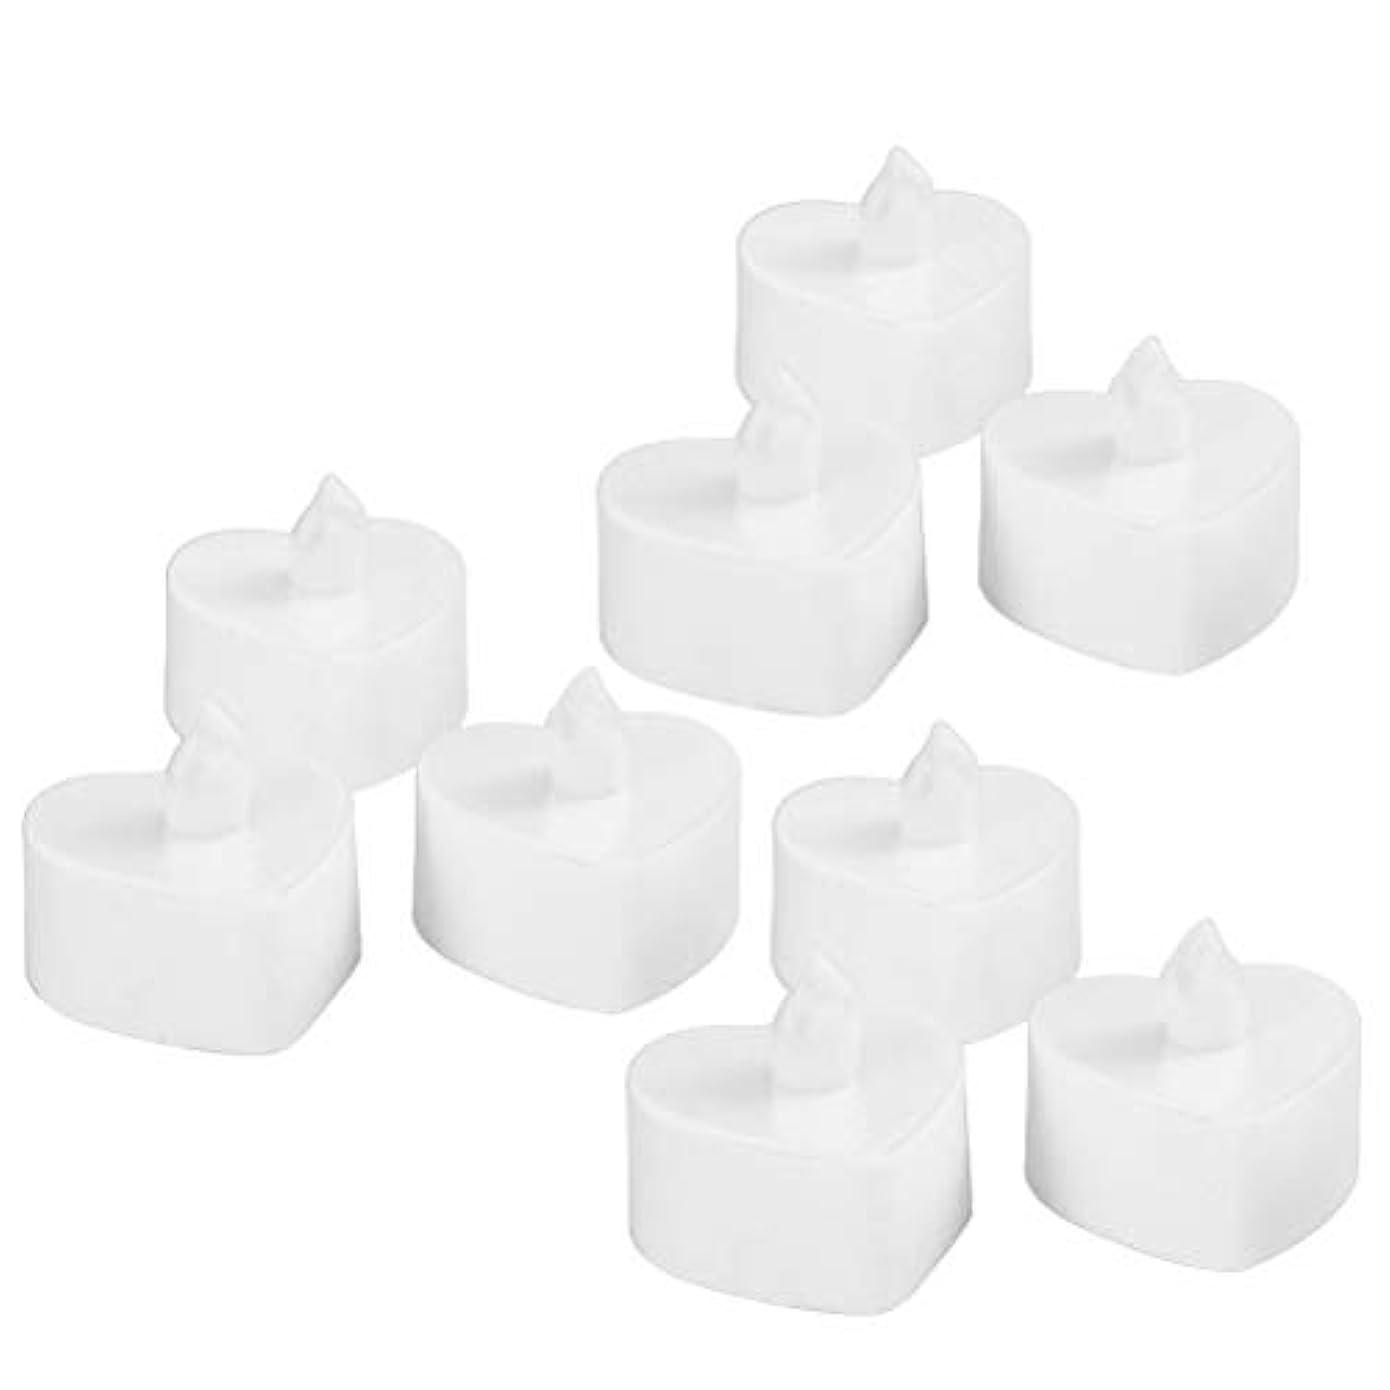 供給クルーホールドBESTOYARD 10個無炎キャンドルバッテリーは、キャンドルの結婚式のパーティーフェスティバルの装飾(白いシェル黄色の光)